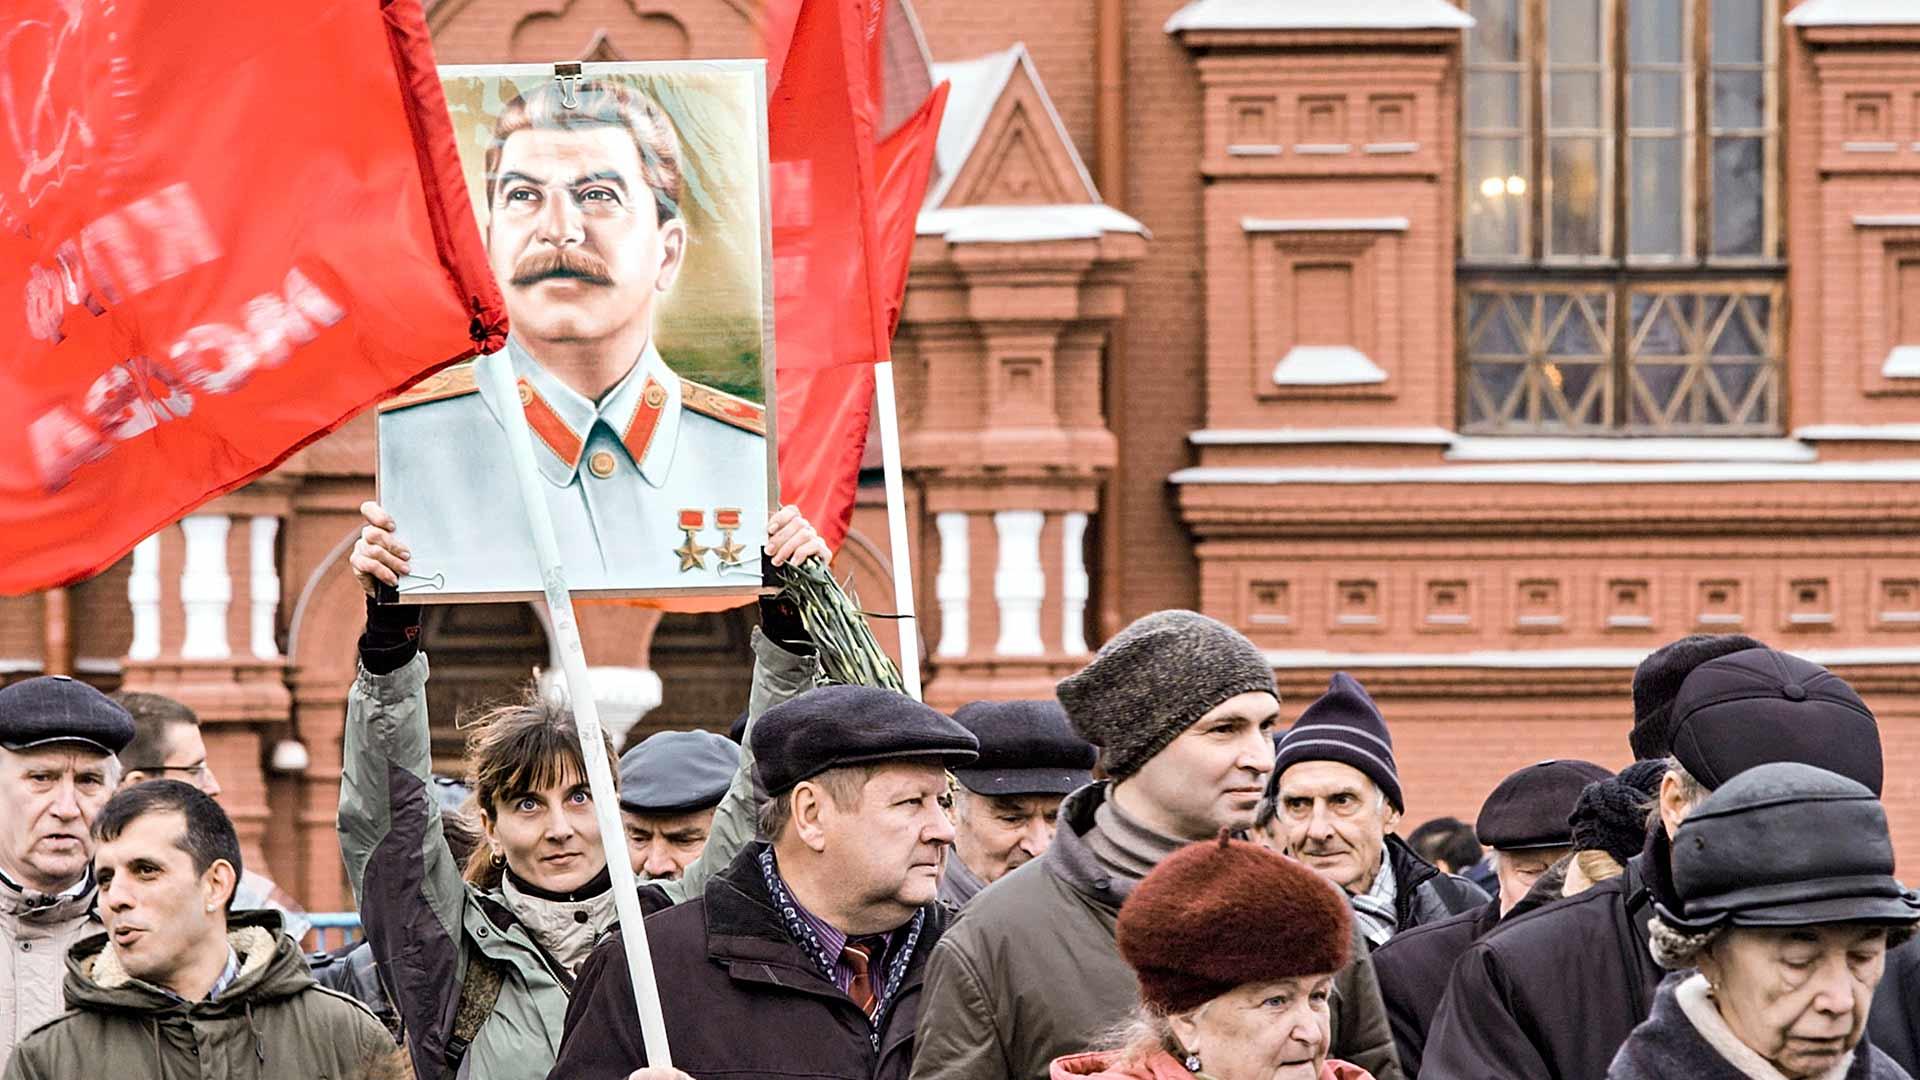 Ihailu vanhaa neuvostojohtajaa kohtaan kasvaa Venäjällä samassa tahdissa nationalismin nousun kanssa.